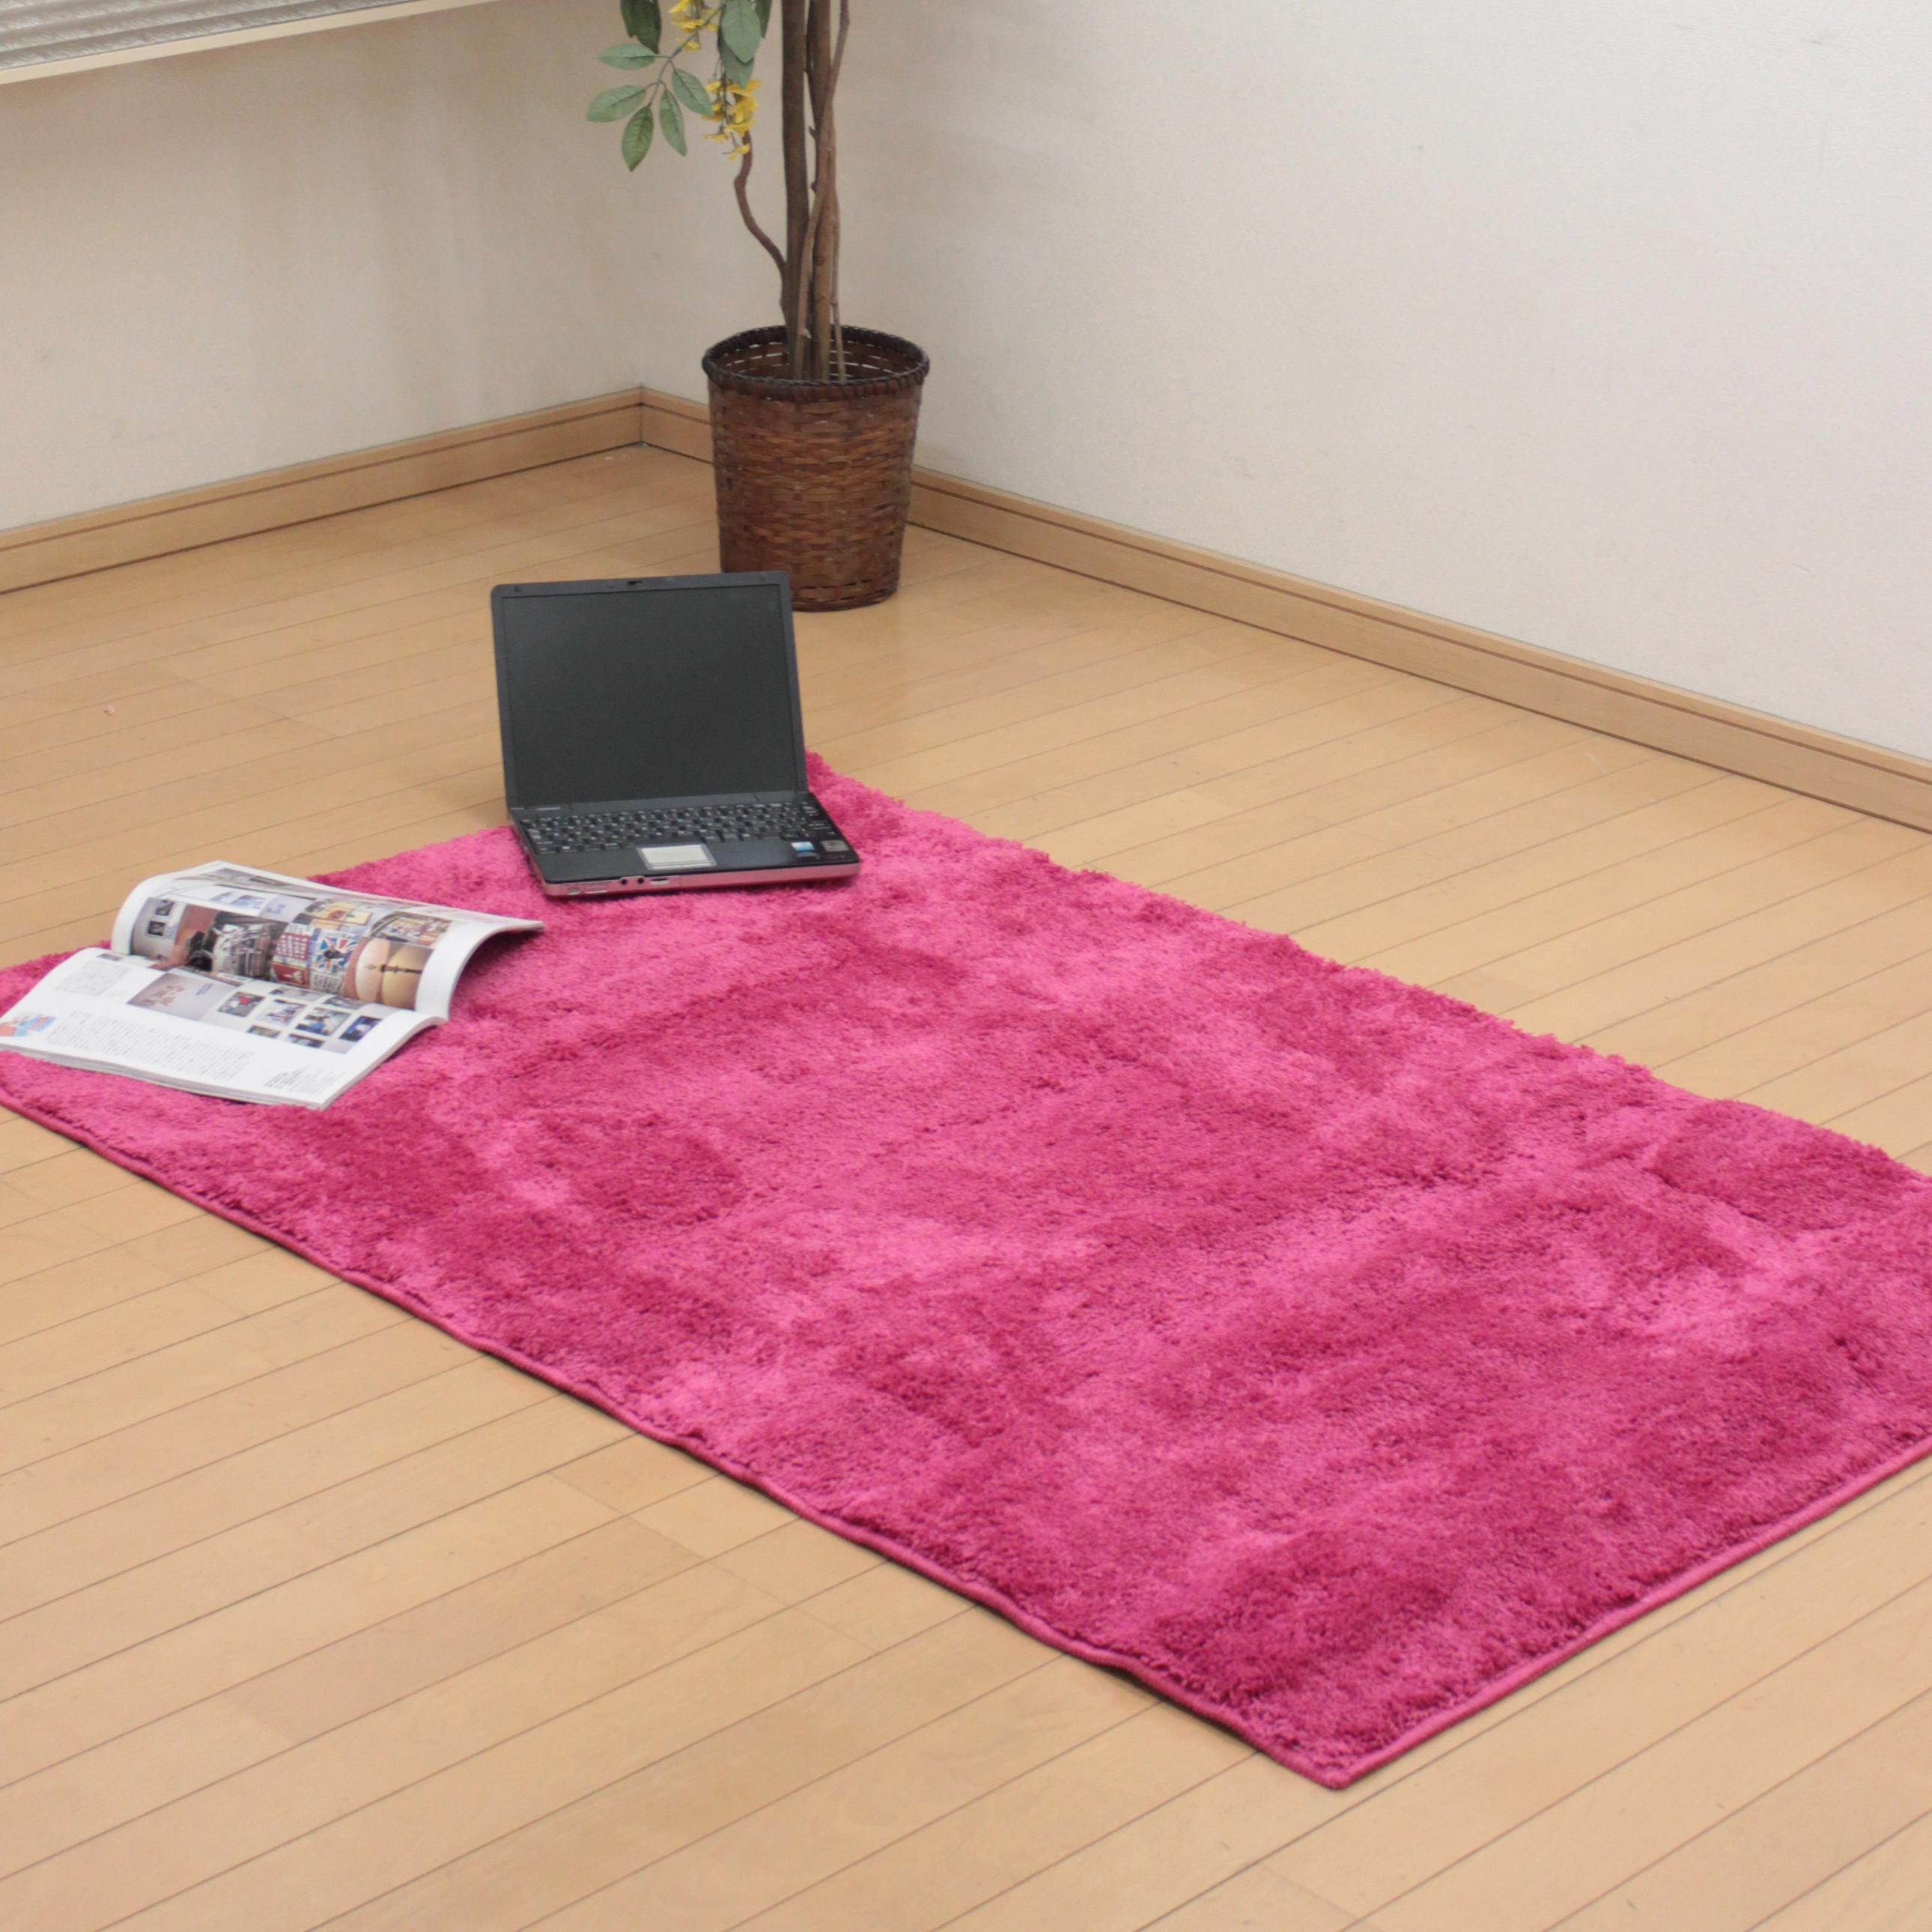 鮮やかなピンクのラグ!150×95 cm 仕入れサイト「仕入れスポット」